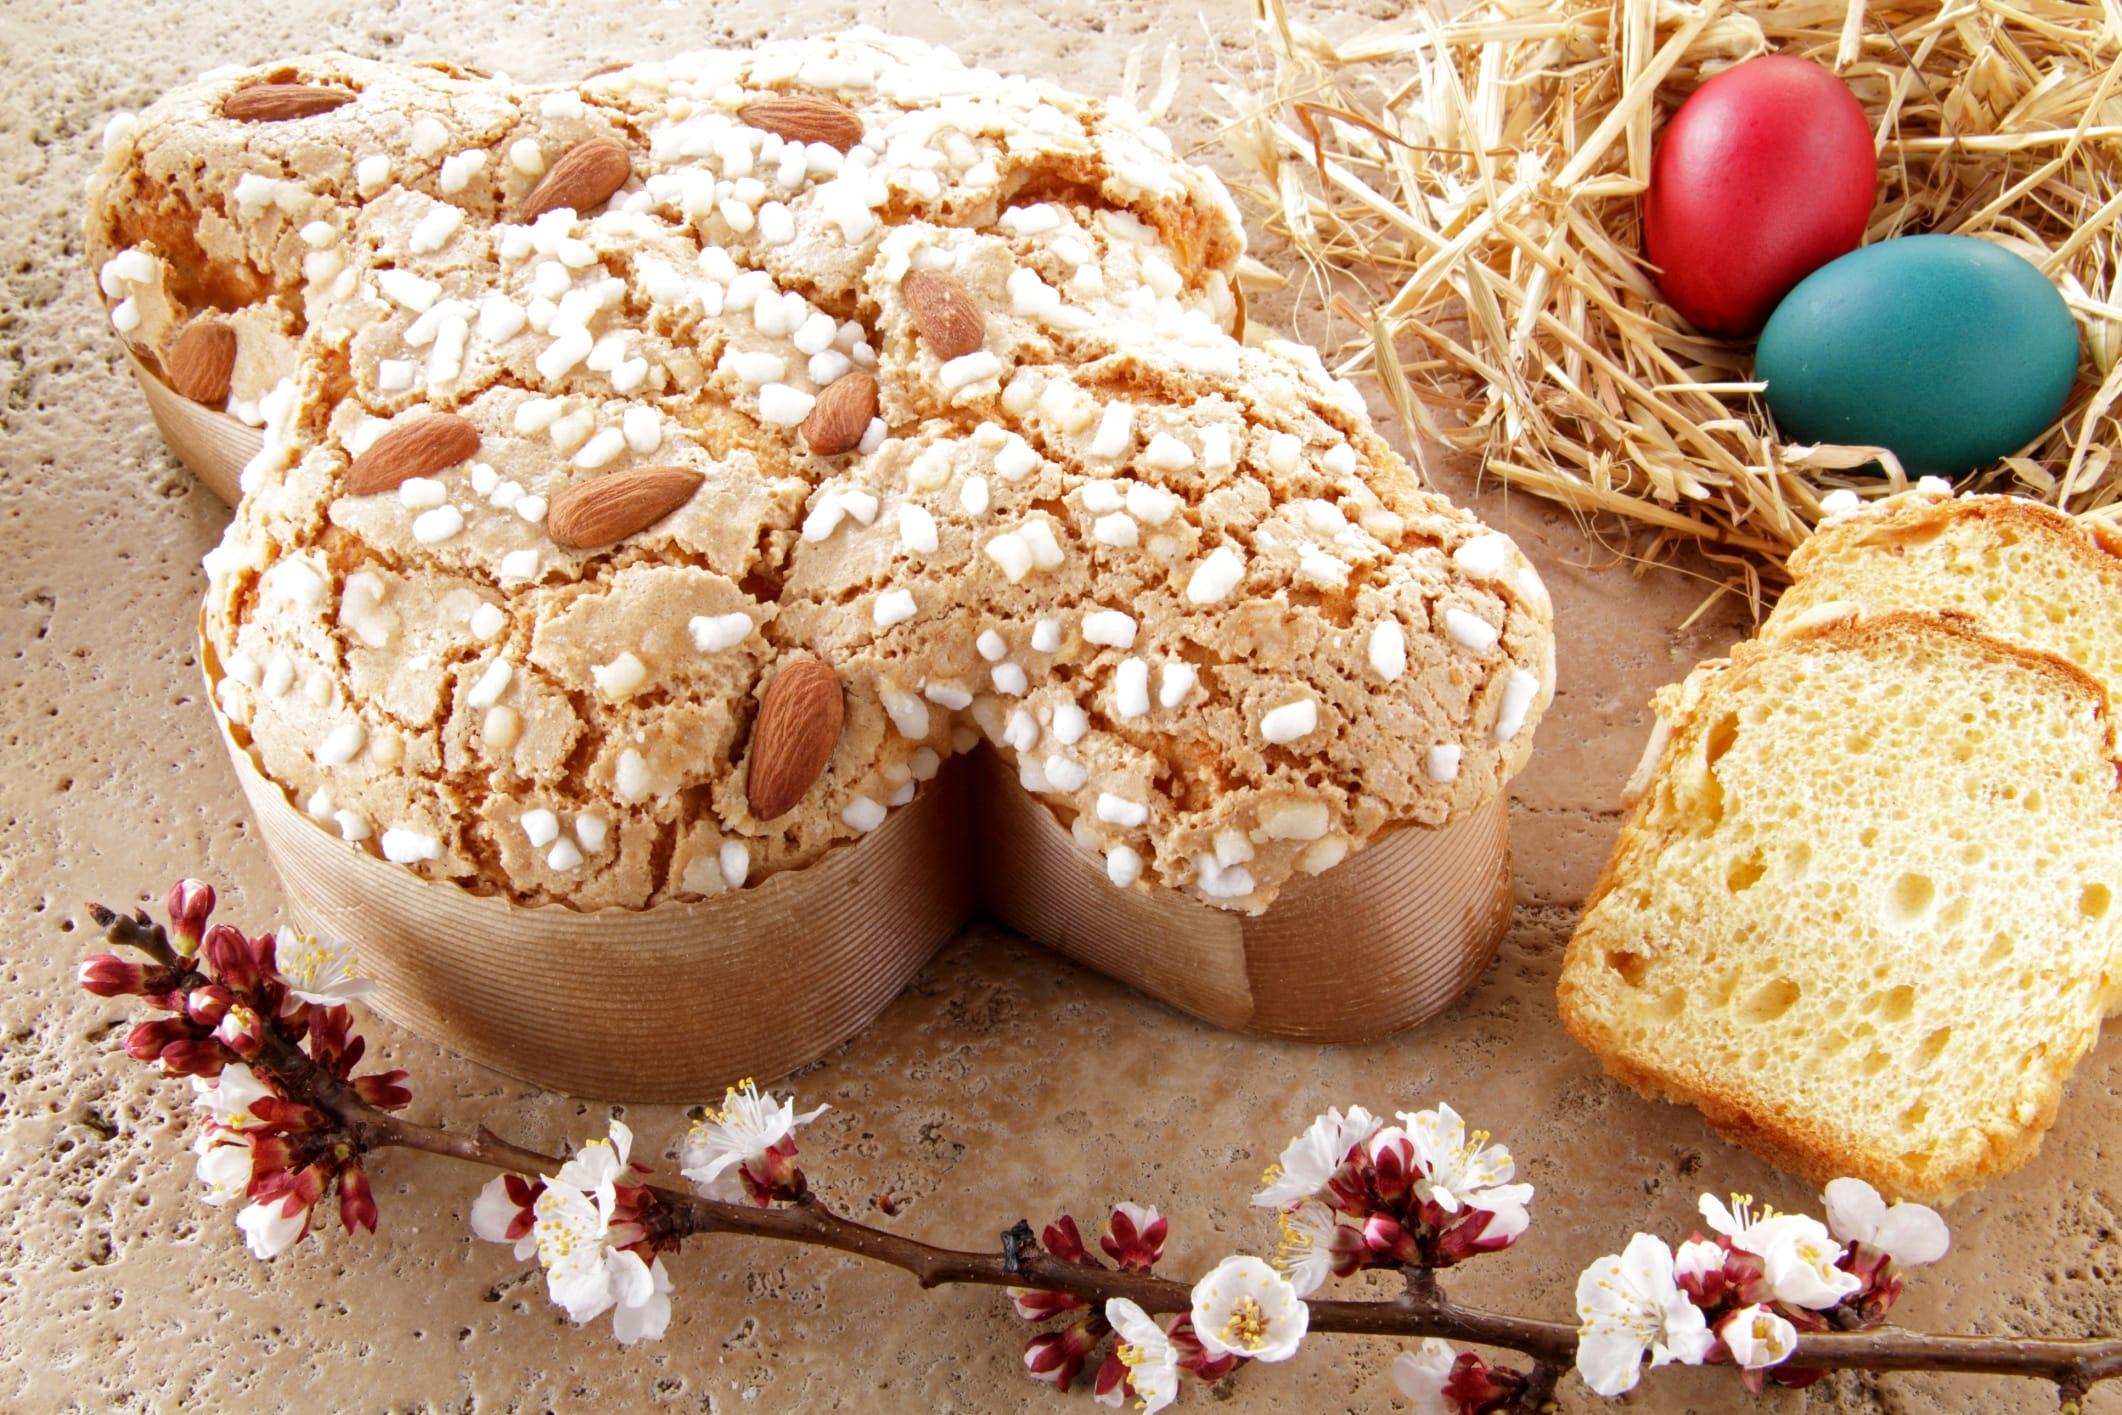 Colomba di Pasqua: le ricette per non sprecarla, se avanza. L'ideale anche a colazione